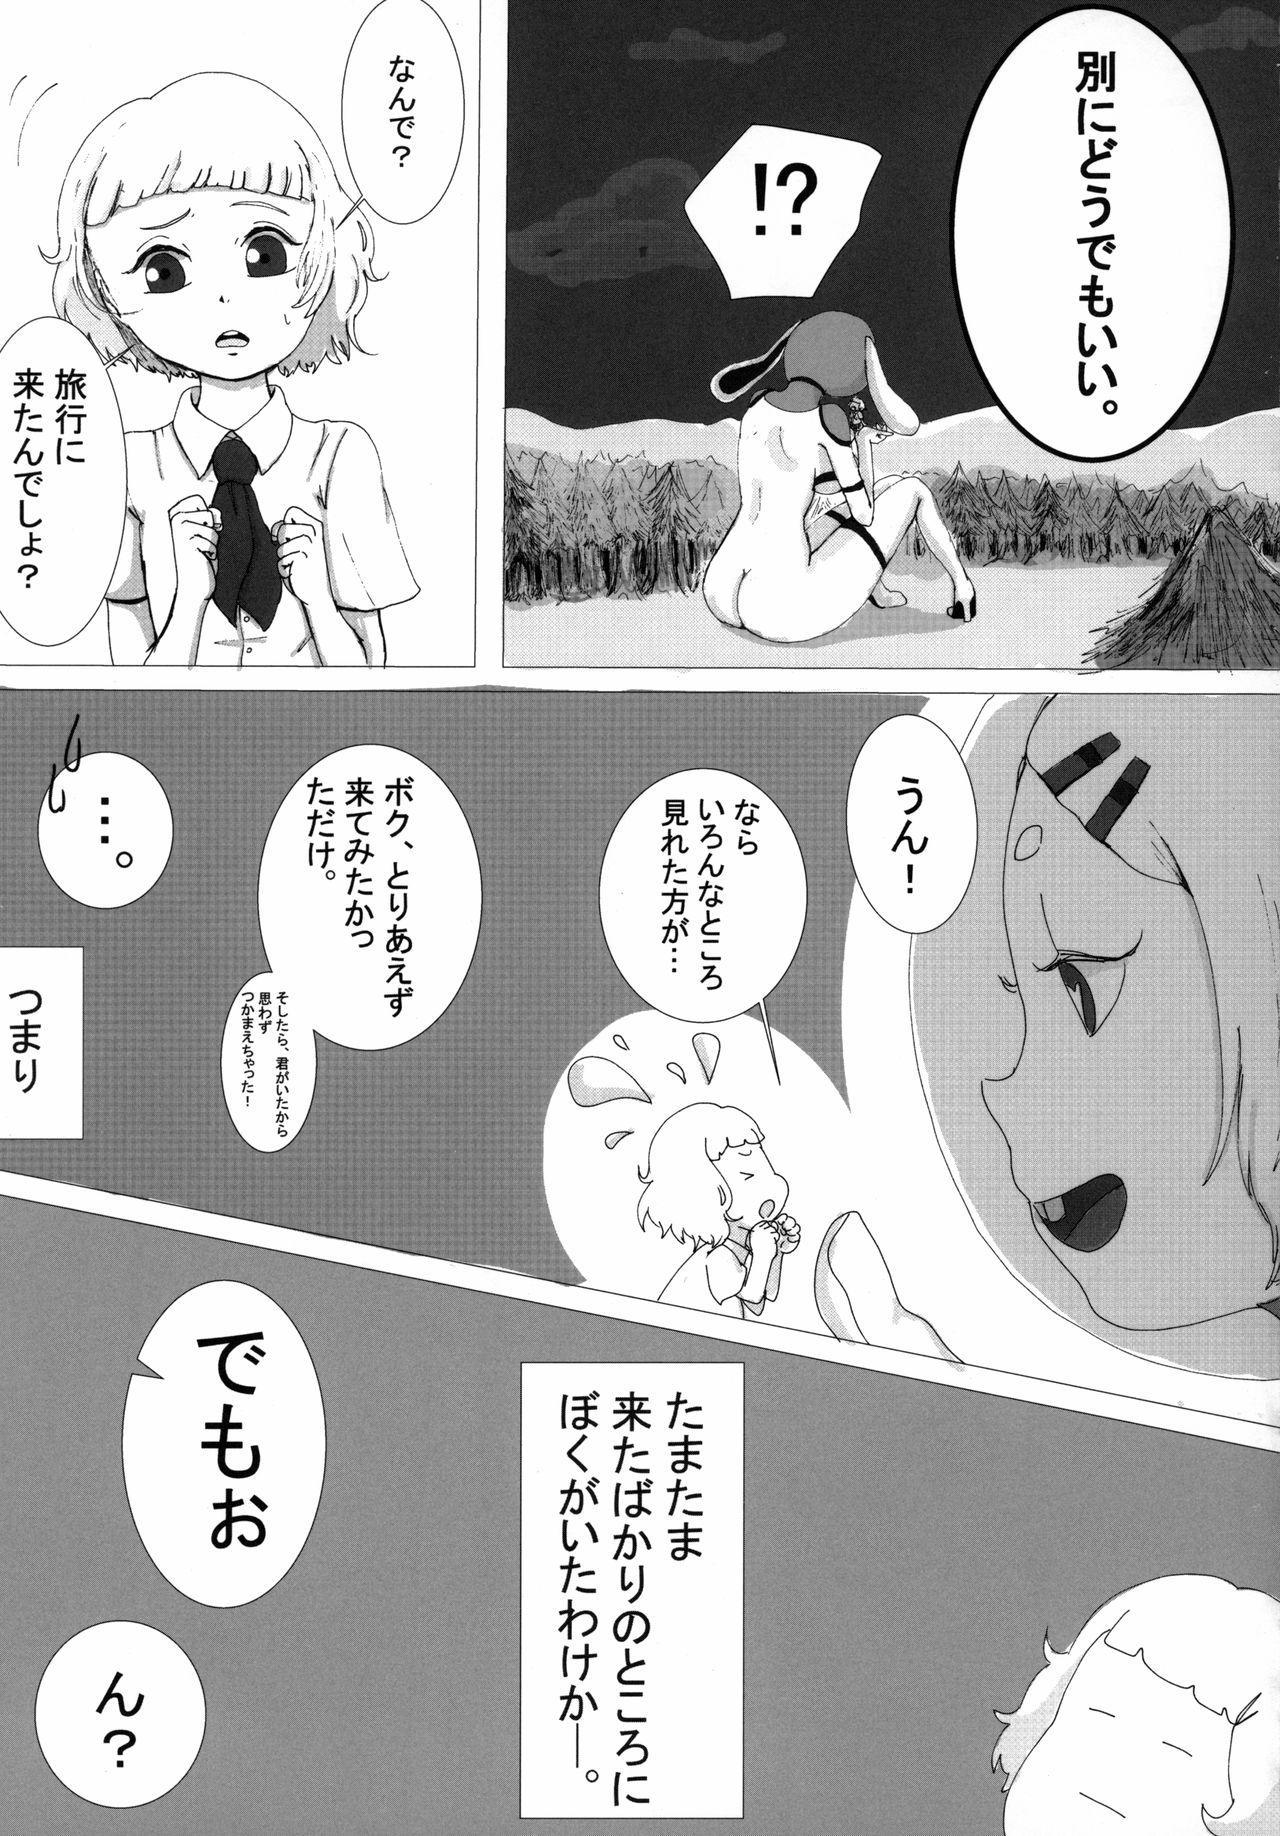 Uchuujin x Kyojo / Size-sa Goudoushi Reiwagou 123